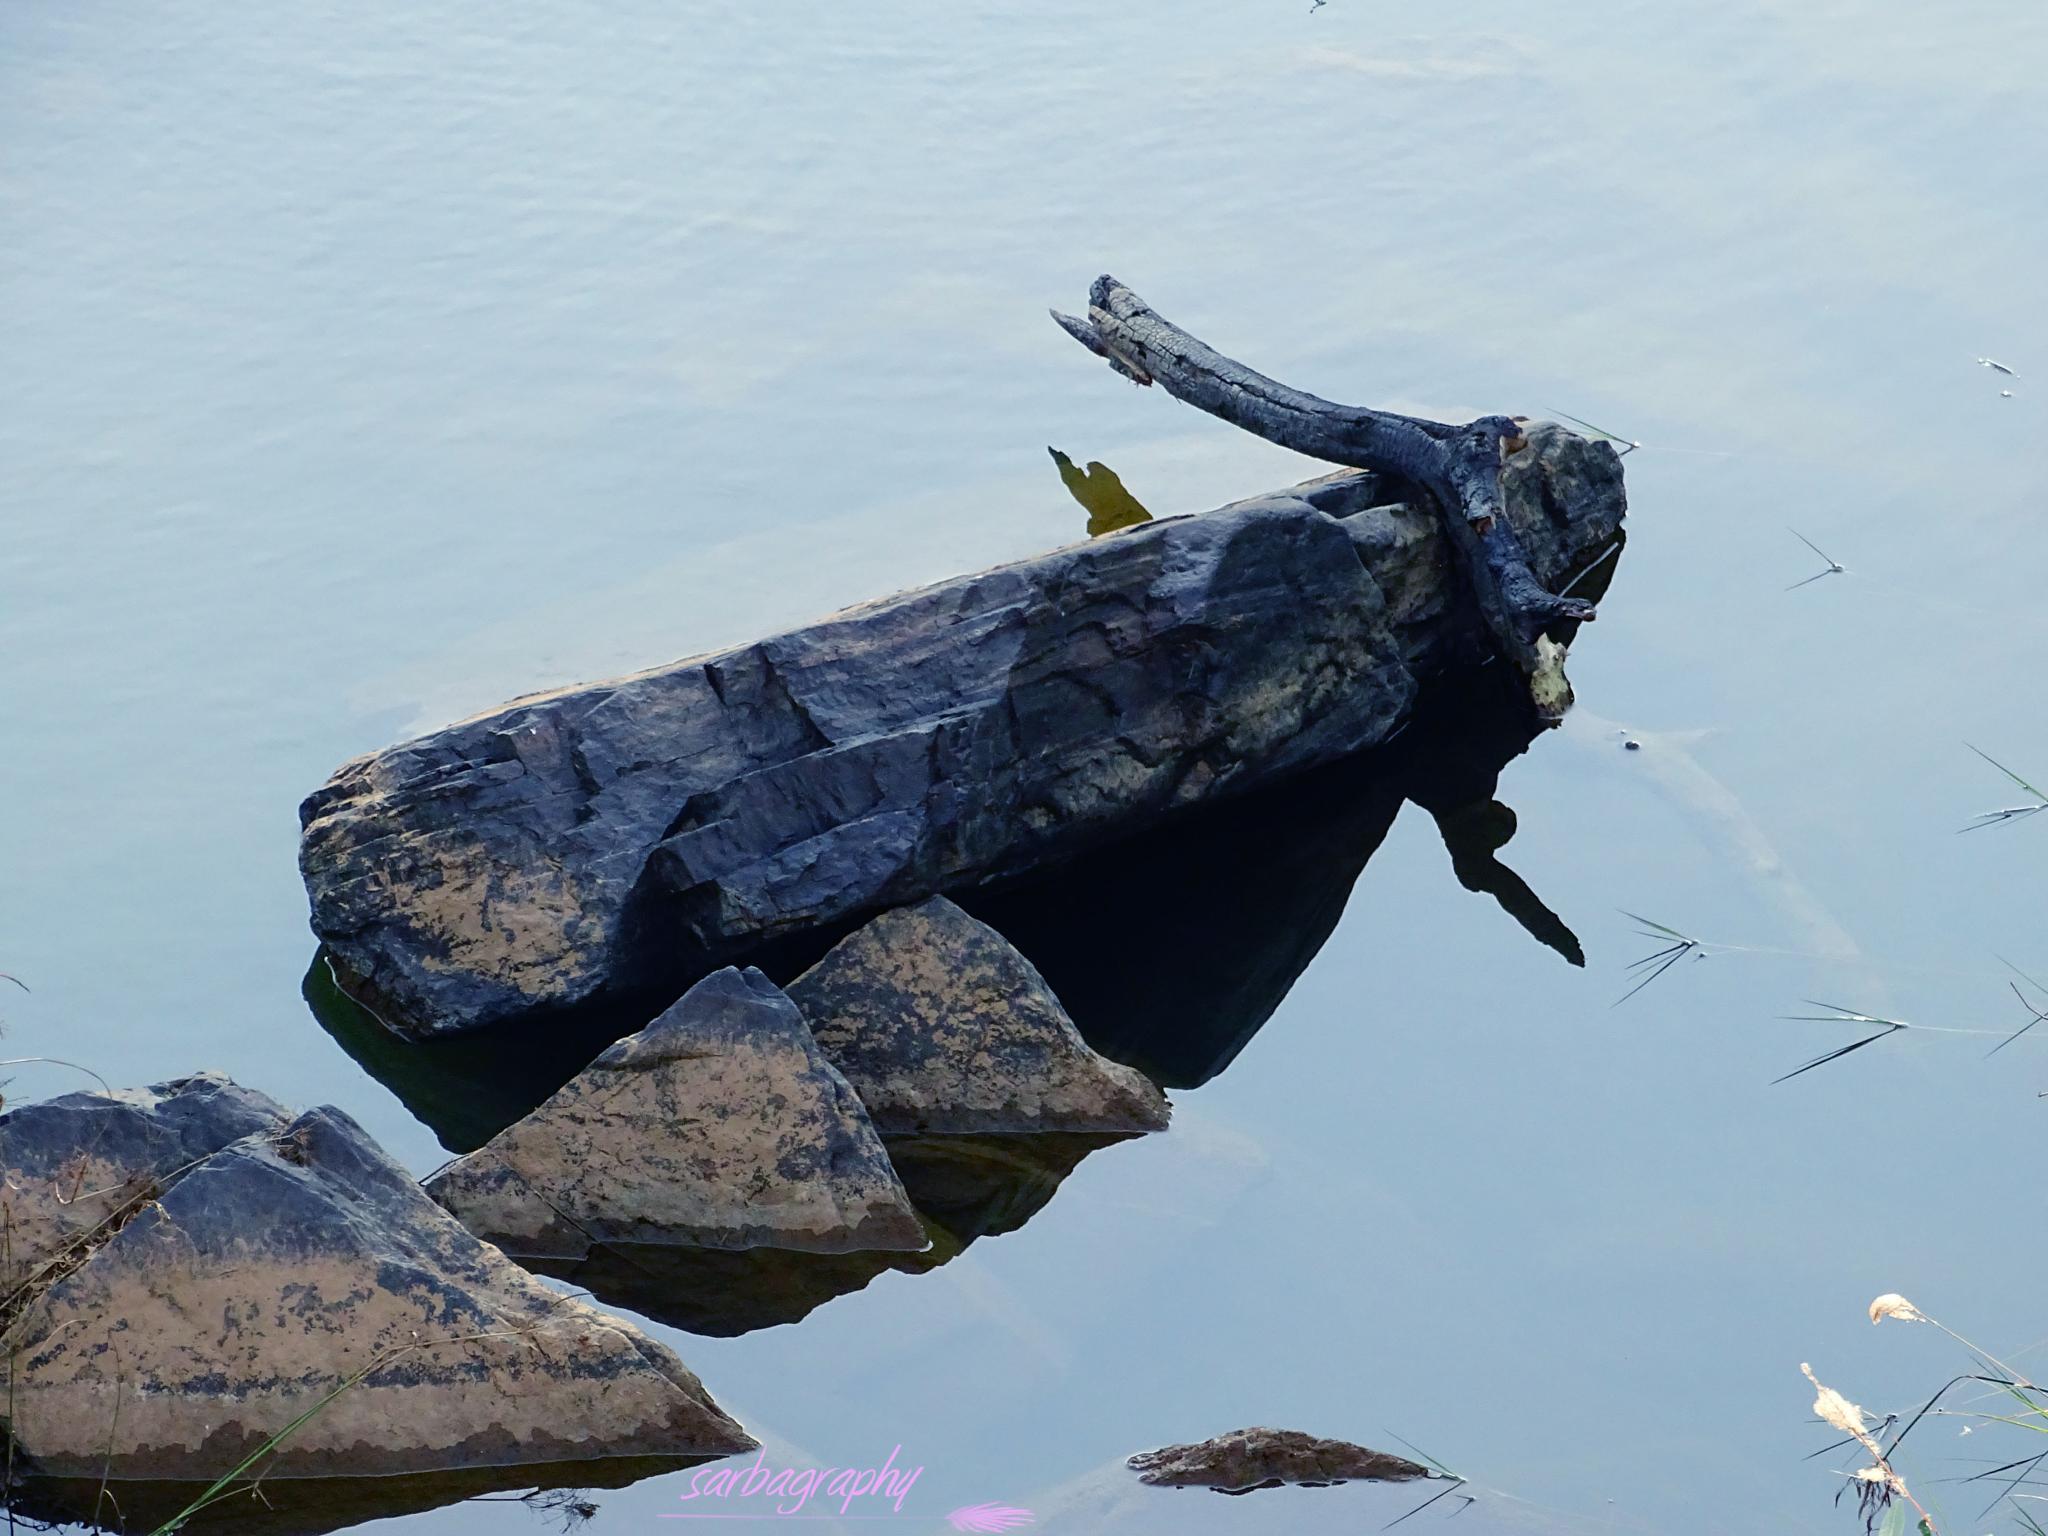 BALANCING by Sarbajit Chatterjee